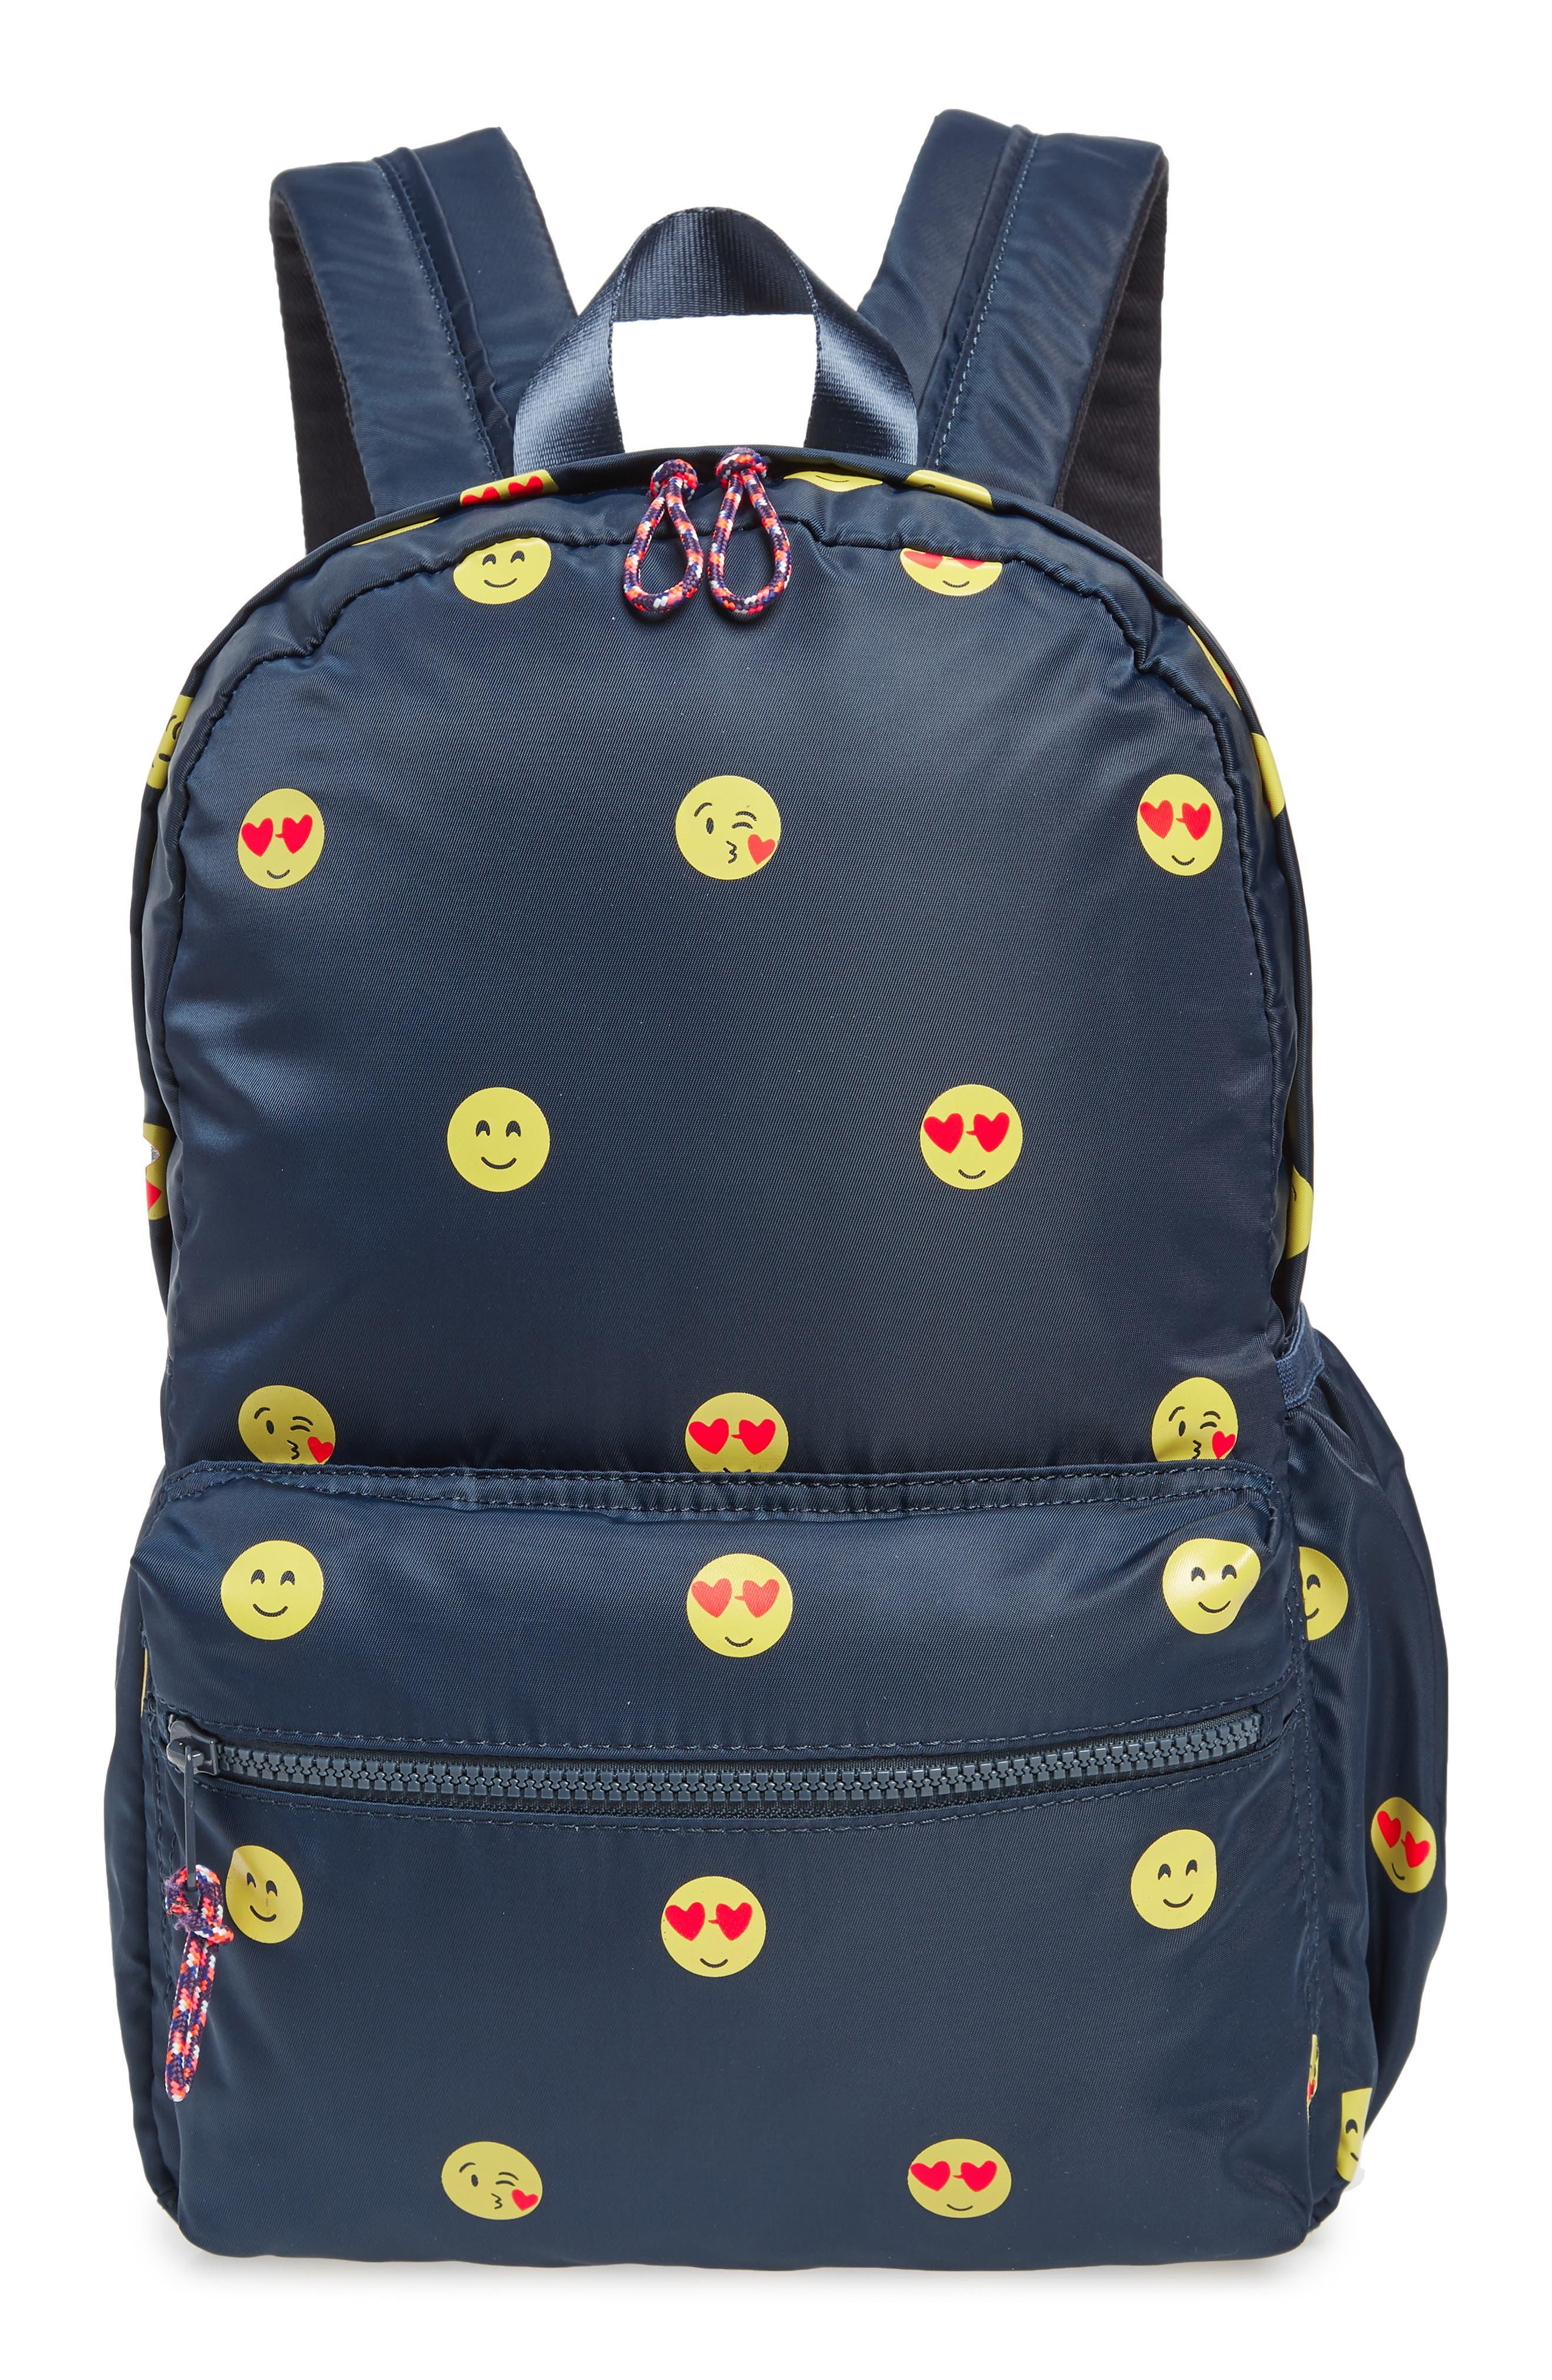 Emoji Backpack,                         Main,                         color, NAVY